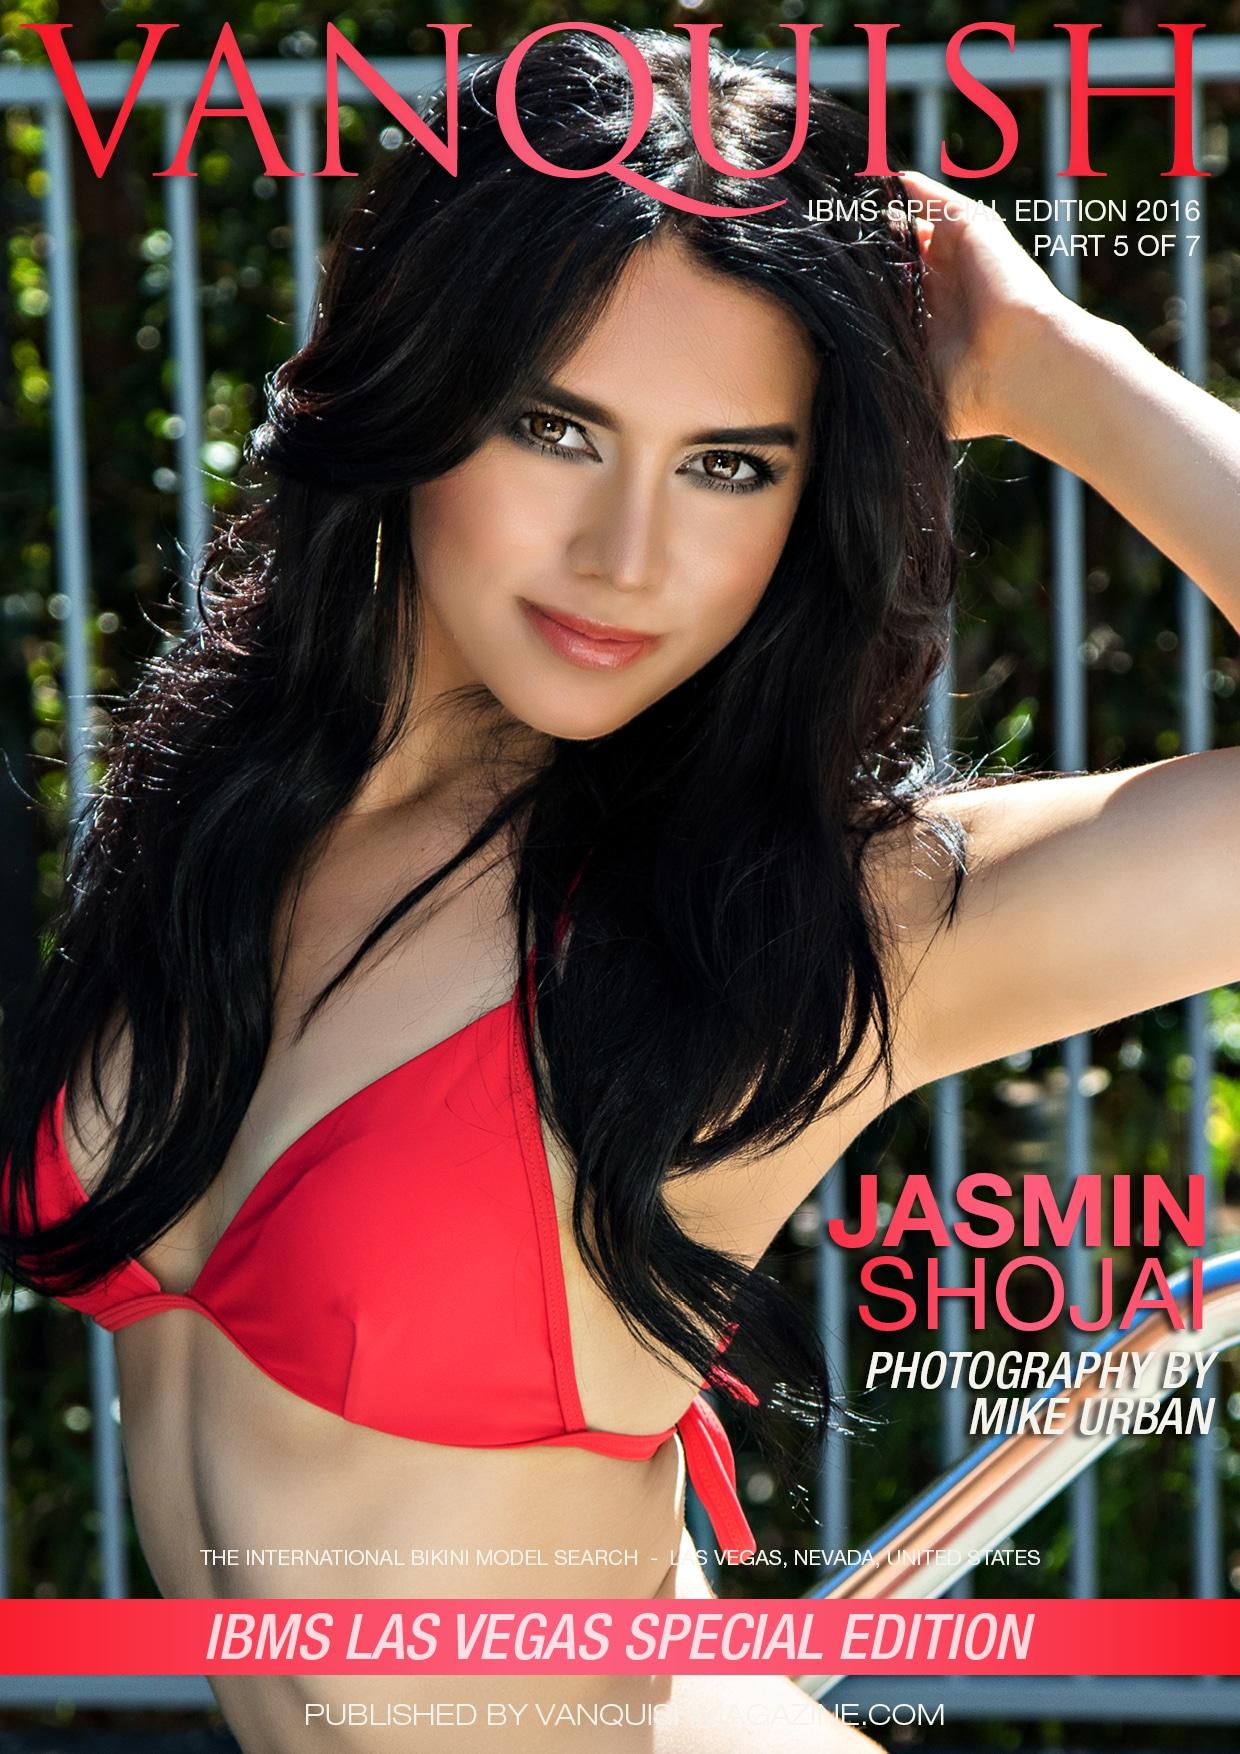 Jasmin Shojai